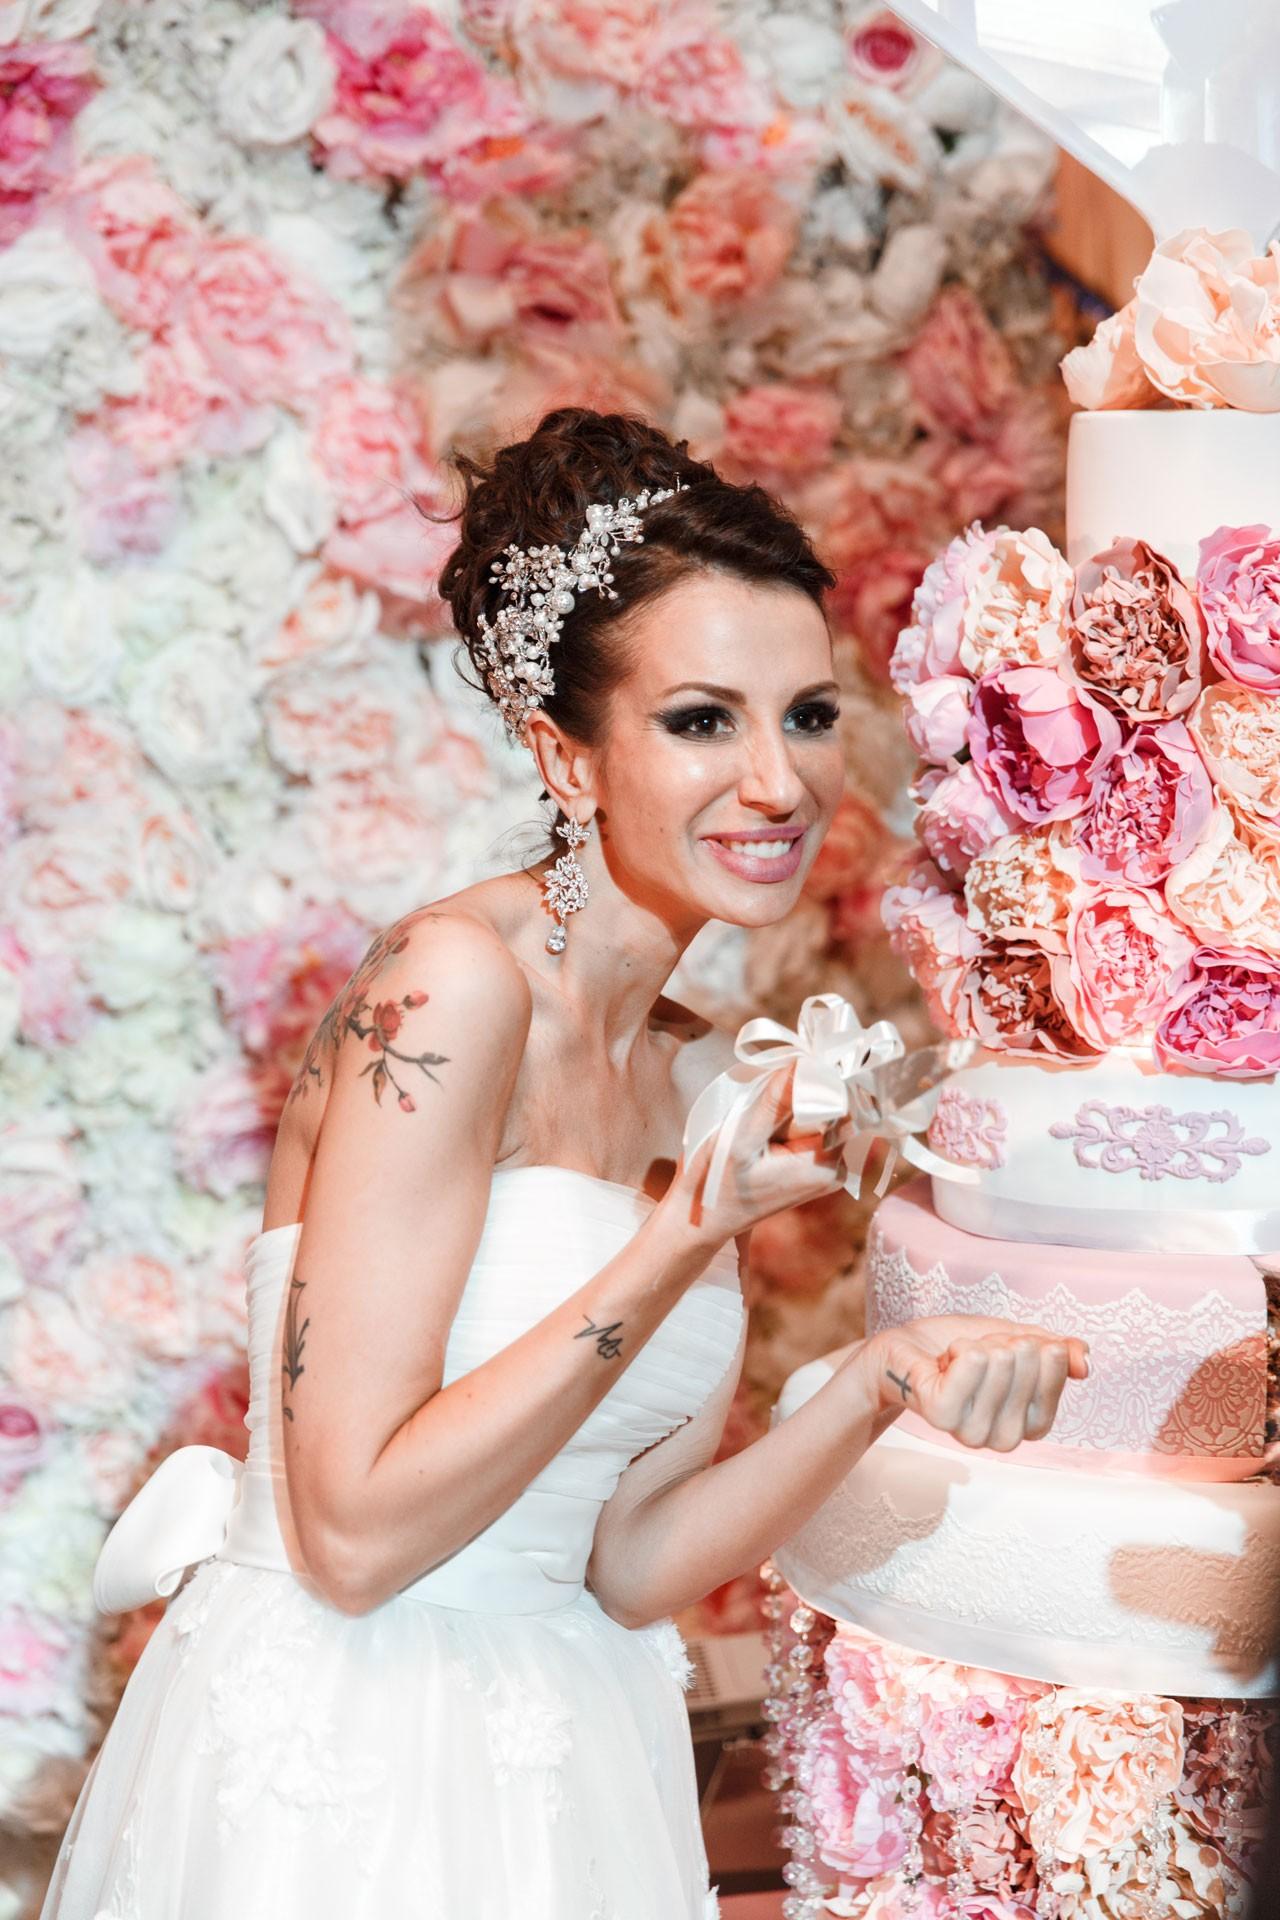 Пионовая свадьба. Свадьба Анны Грачевской и Артема Кузякина фото 22